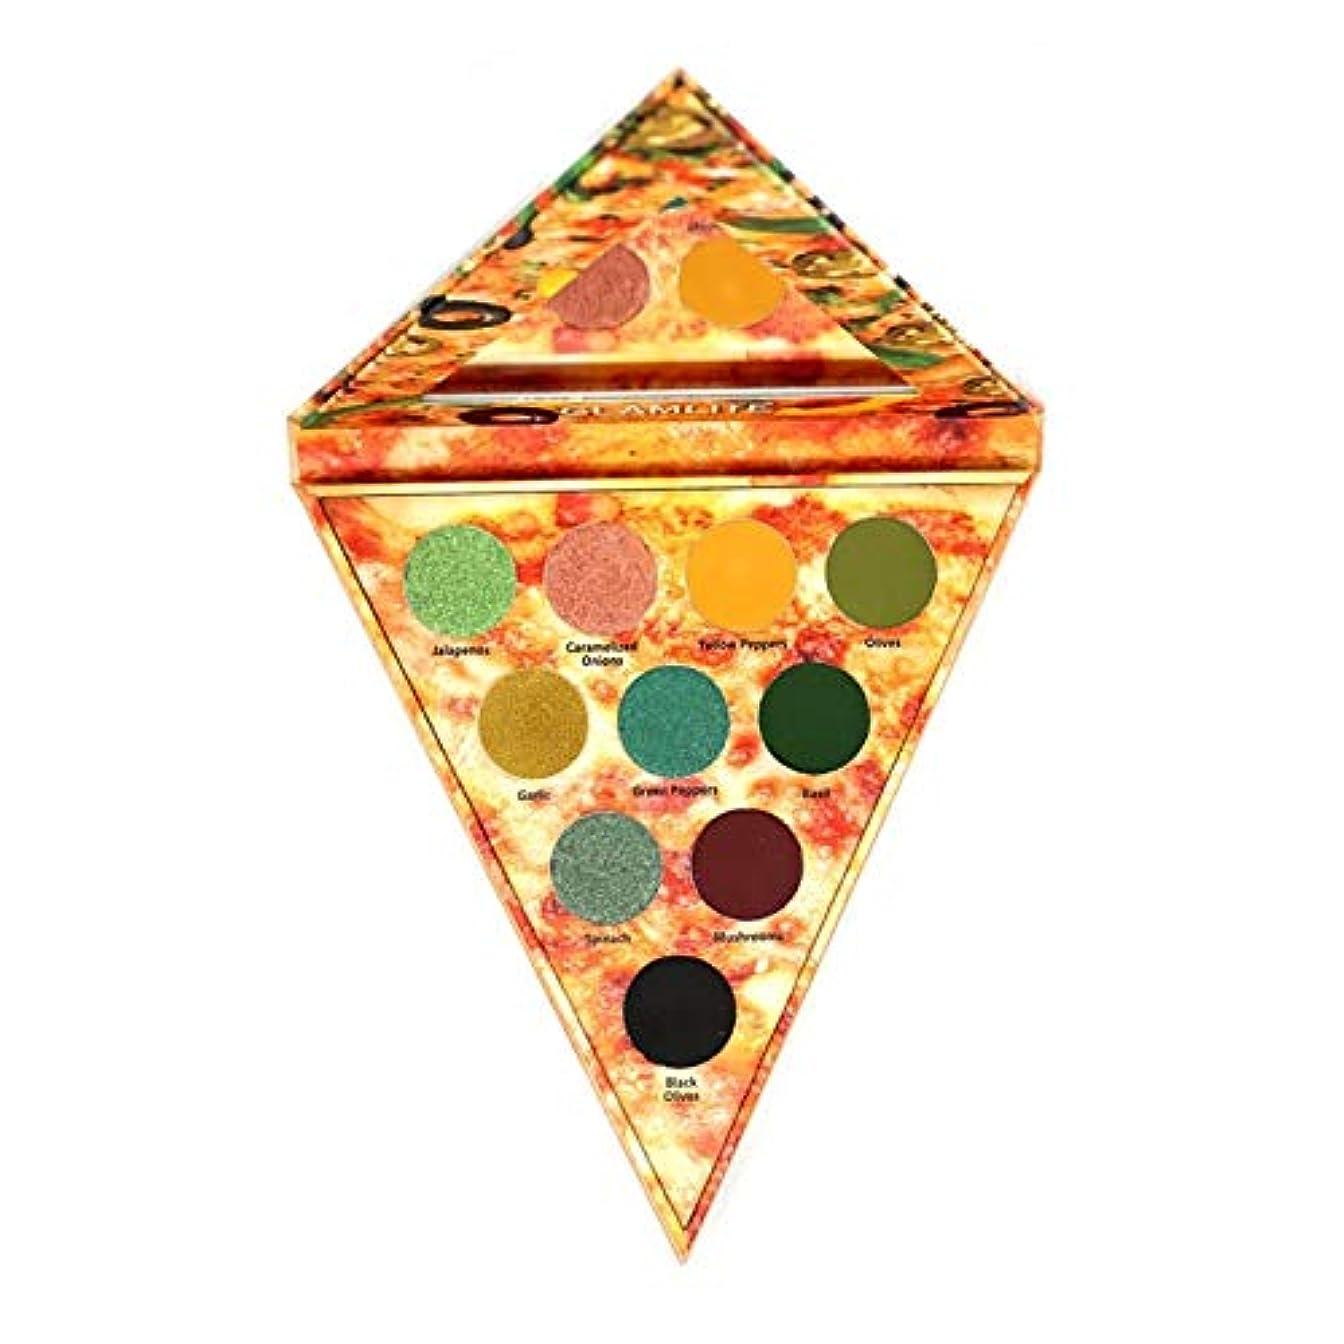 マリン悲惨なフェザーグラムライト ピザ スライス パレット ベジ?ラバーズ